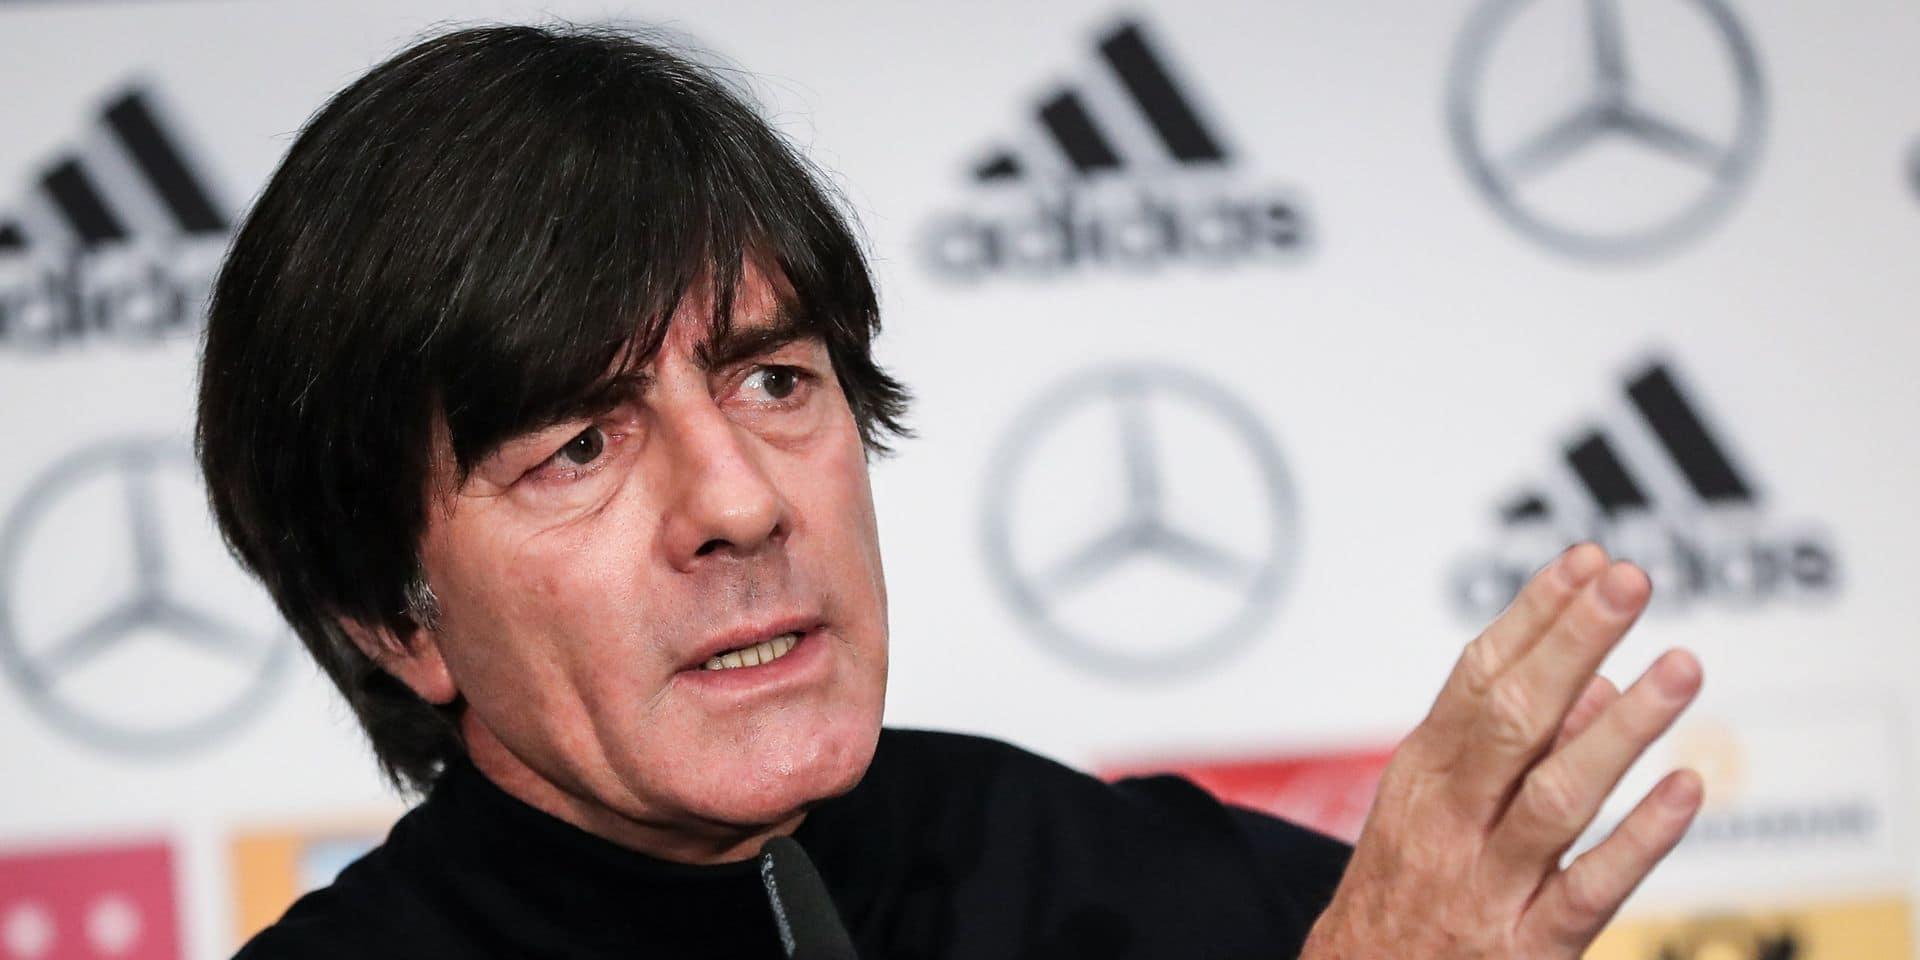 Joachim Löw sélectionne 3 nouveaux joueurs pour les prochains matchs de la Mannschaft